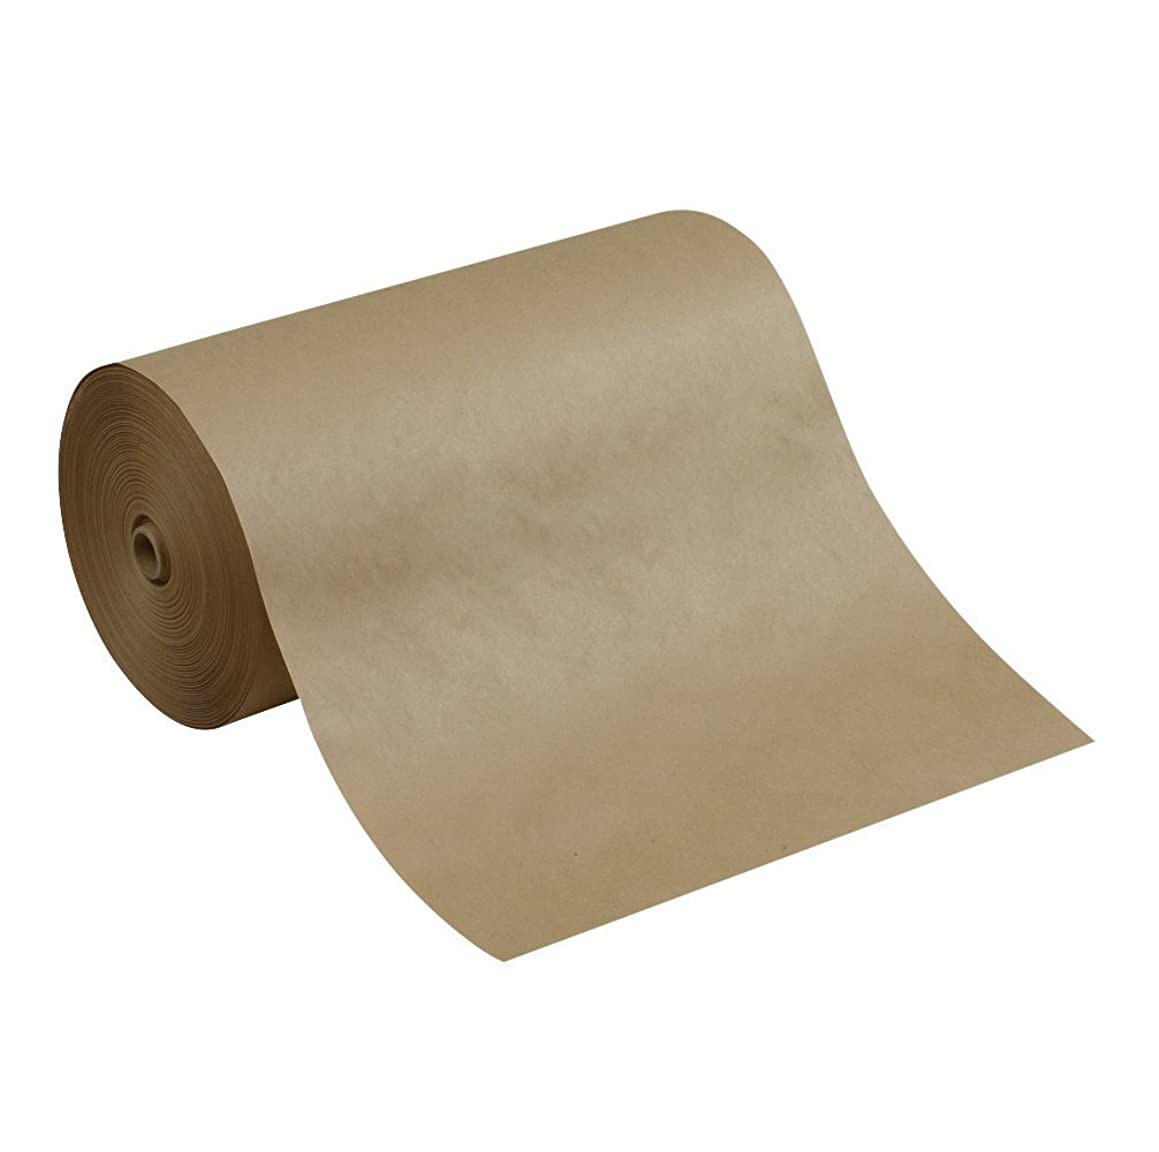 Pacon Natural Kraft Lightweight Paper Roll, 1 1/2-Feet by 1,000-Feet (5718)